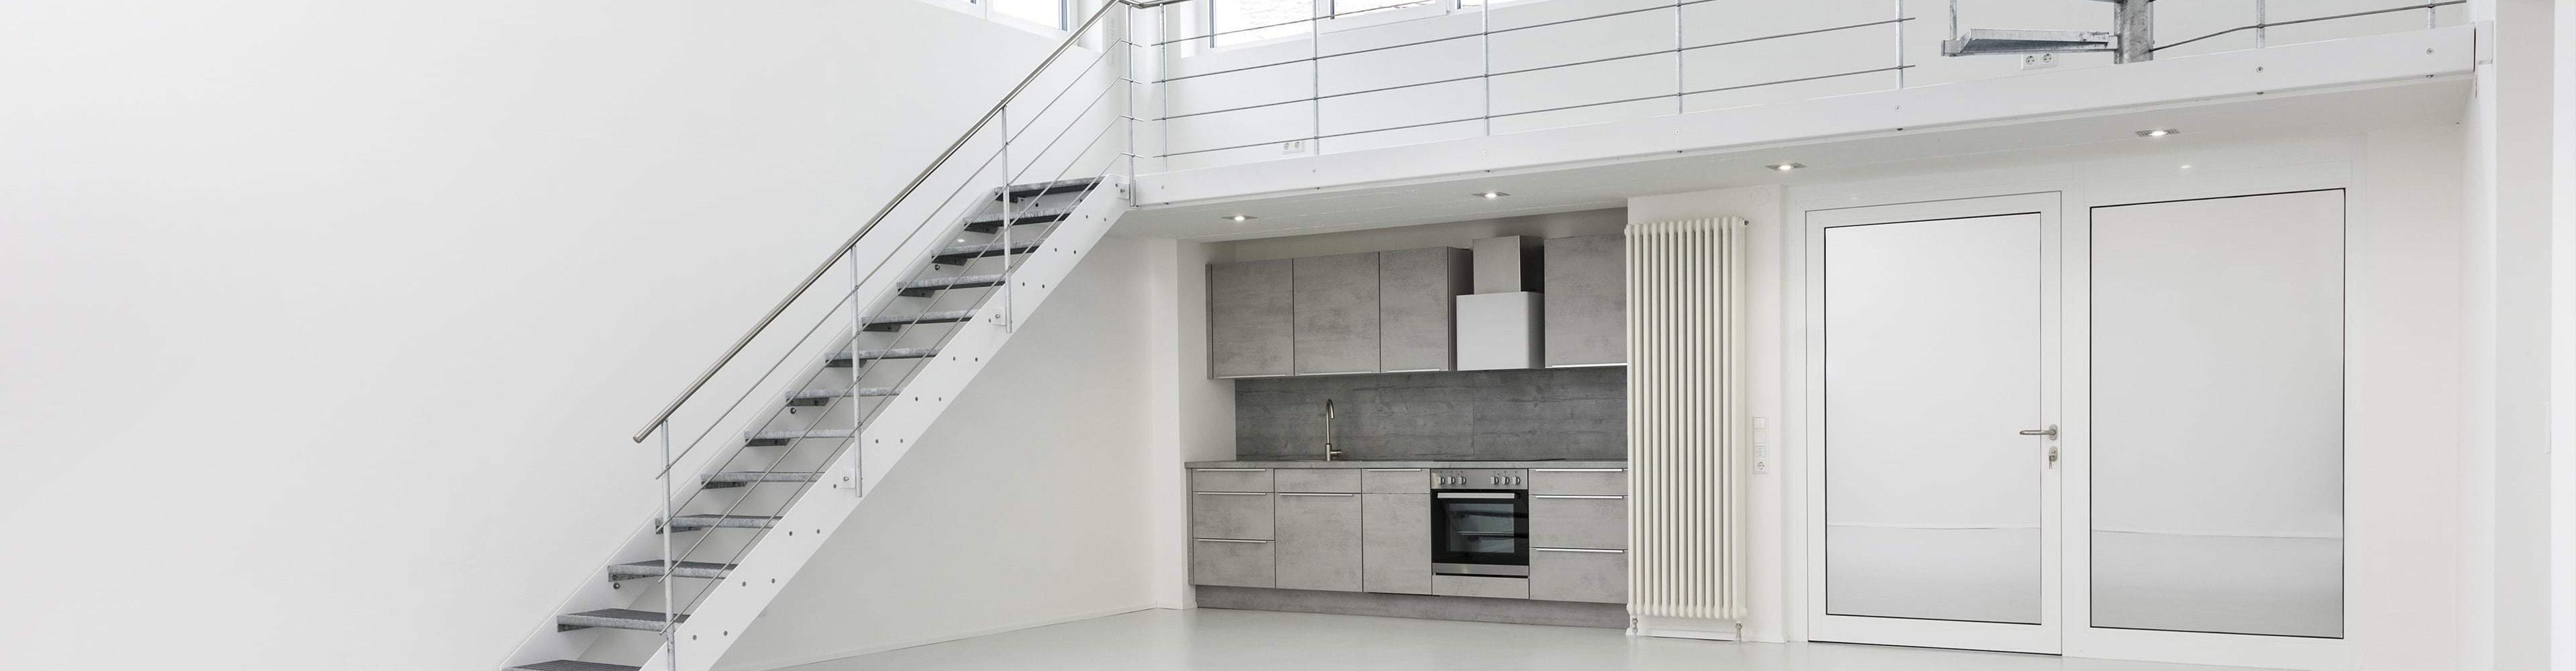 Adenauer Immobilien • Immobilienmakler Köln / Bonn / Düsseldorf